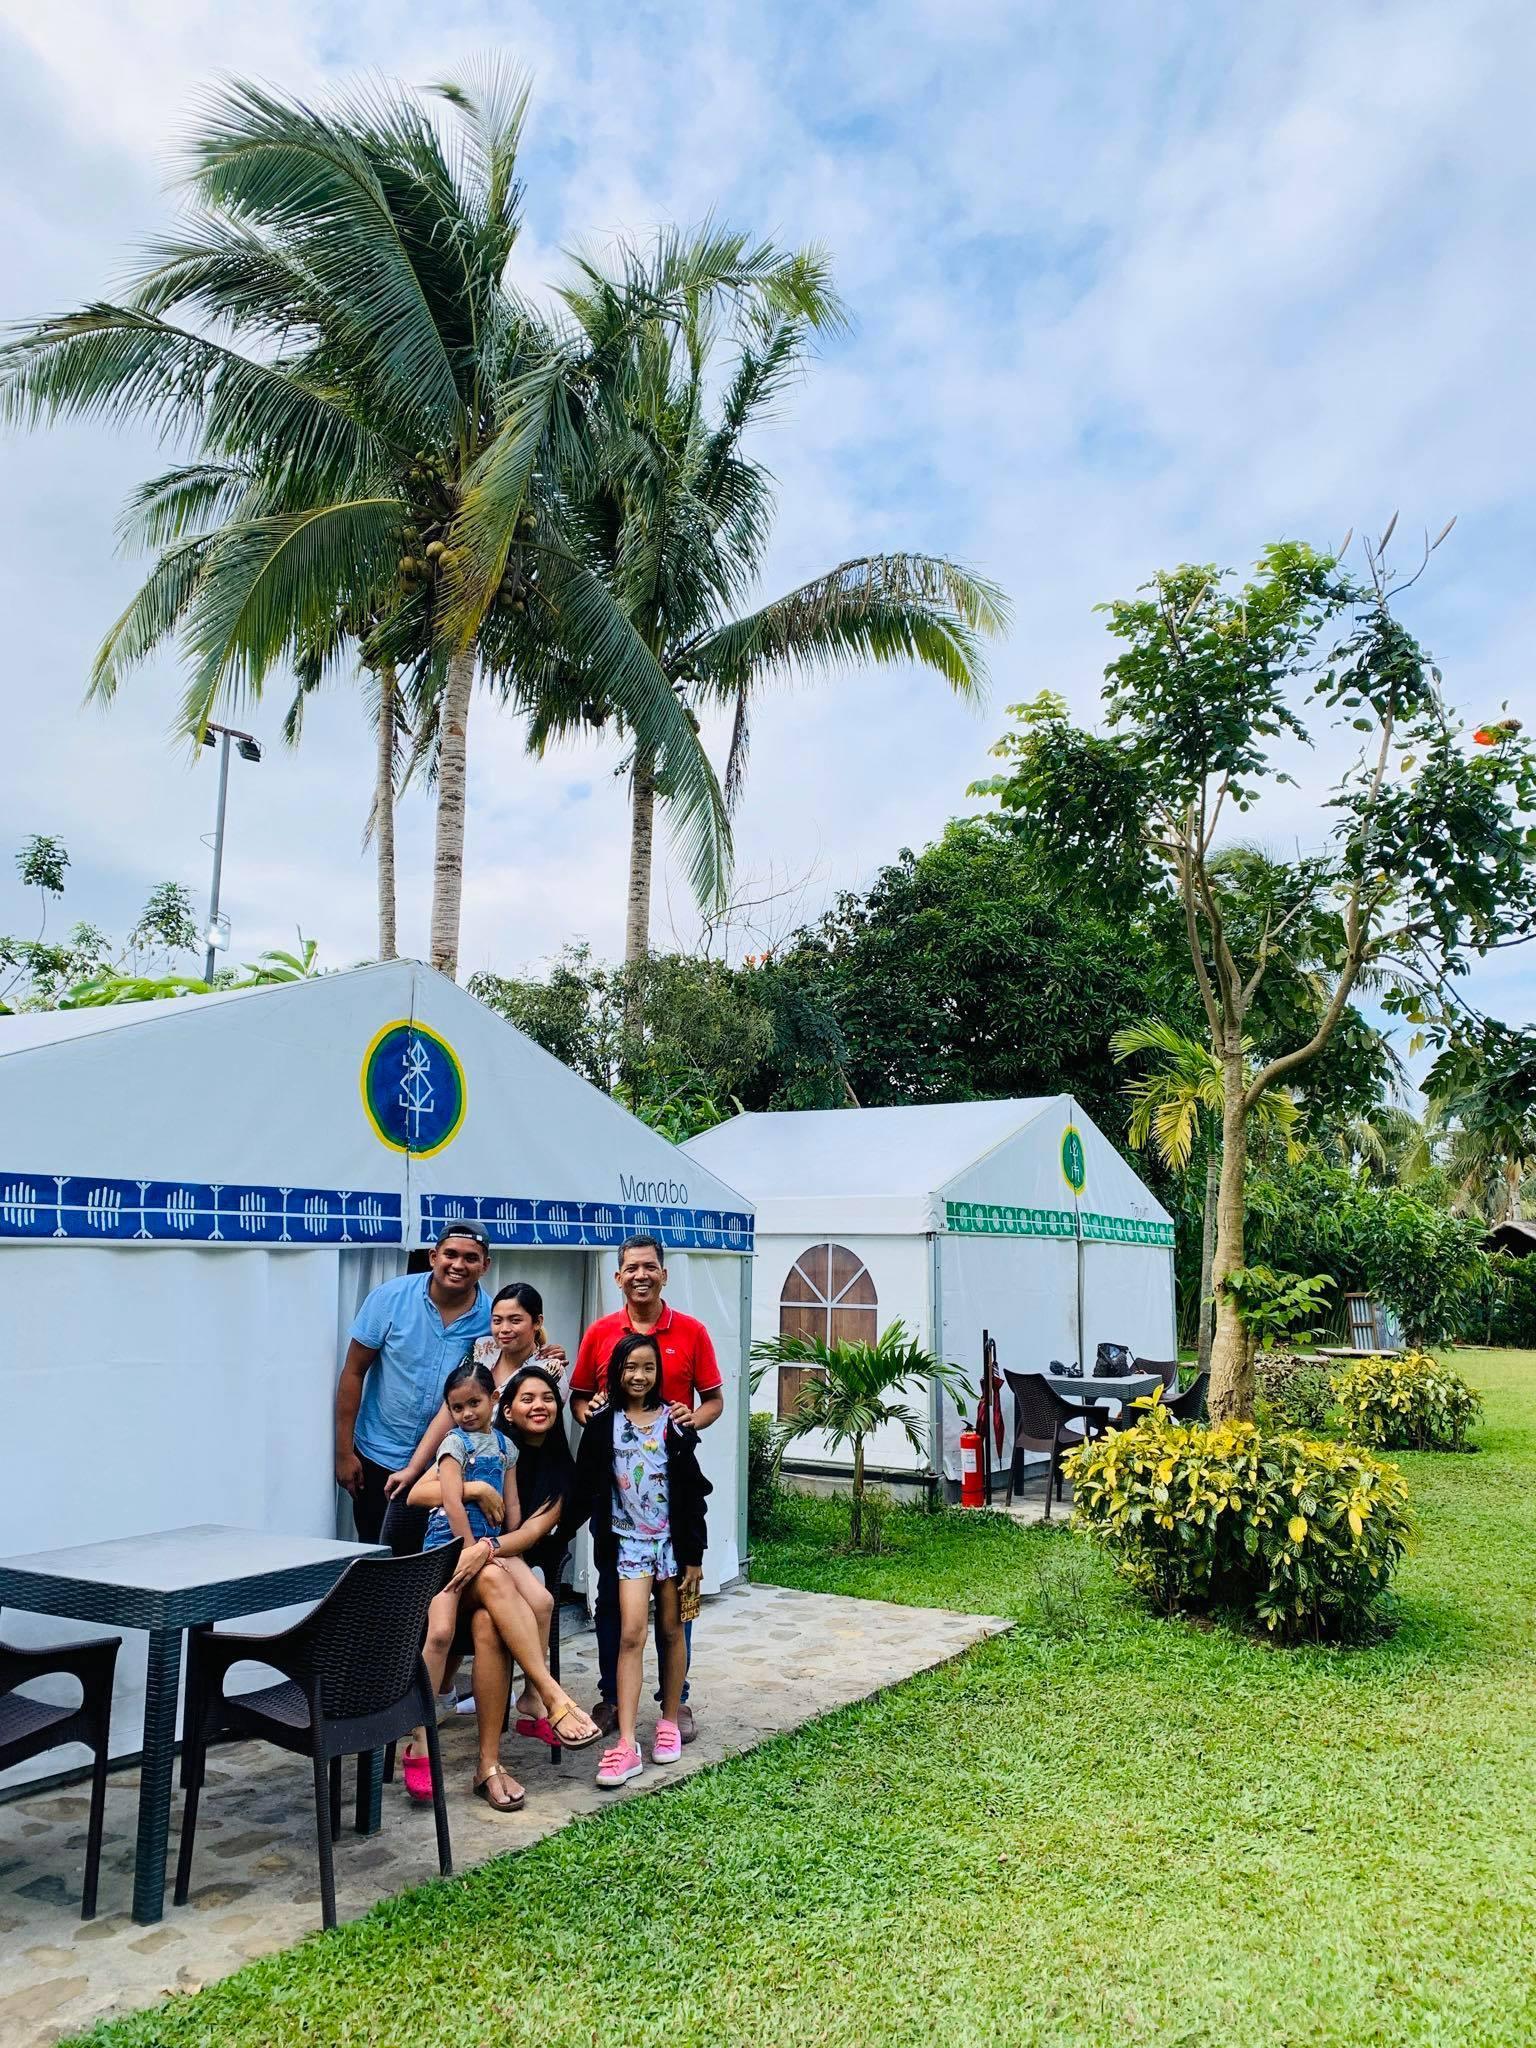 Our Stay in Nurture Wellness Village Resort in Tagaytay, Philippines4